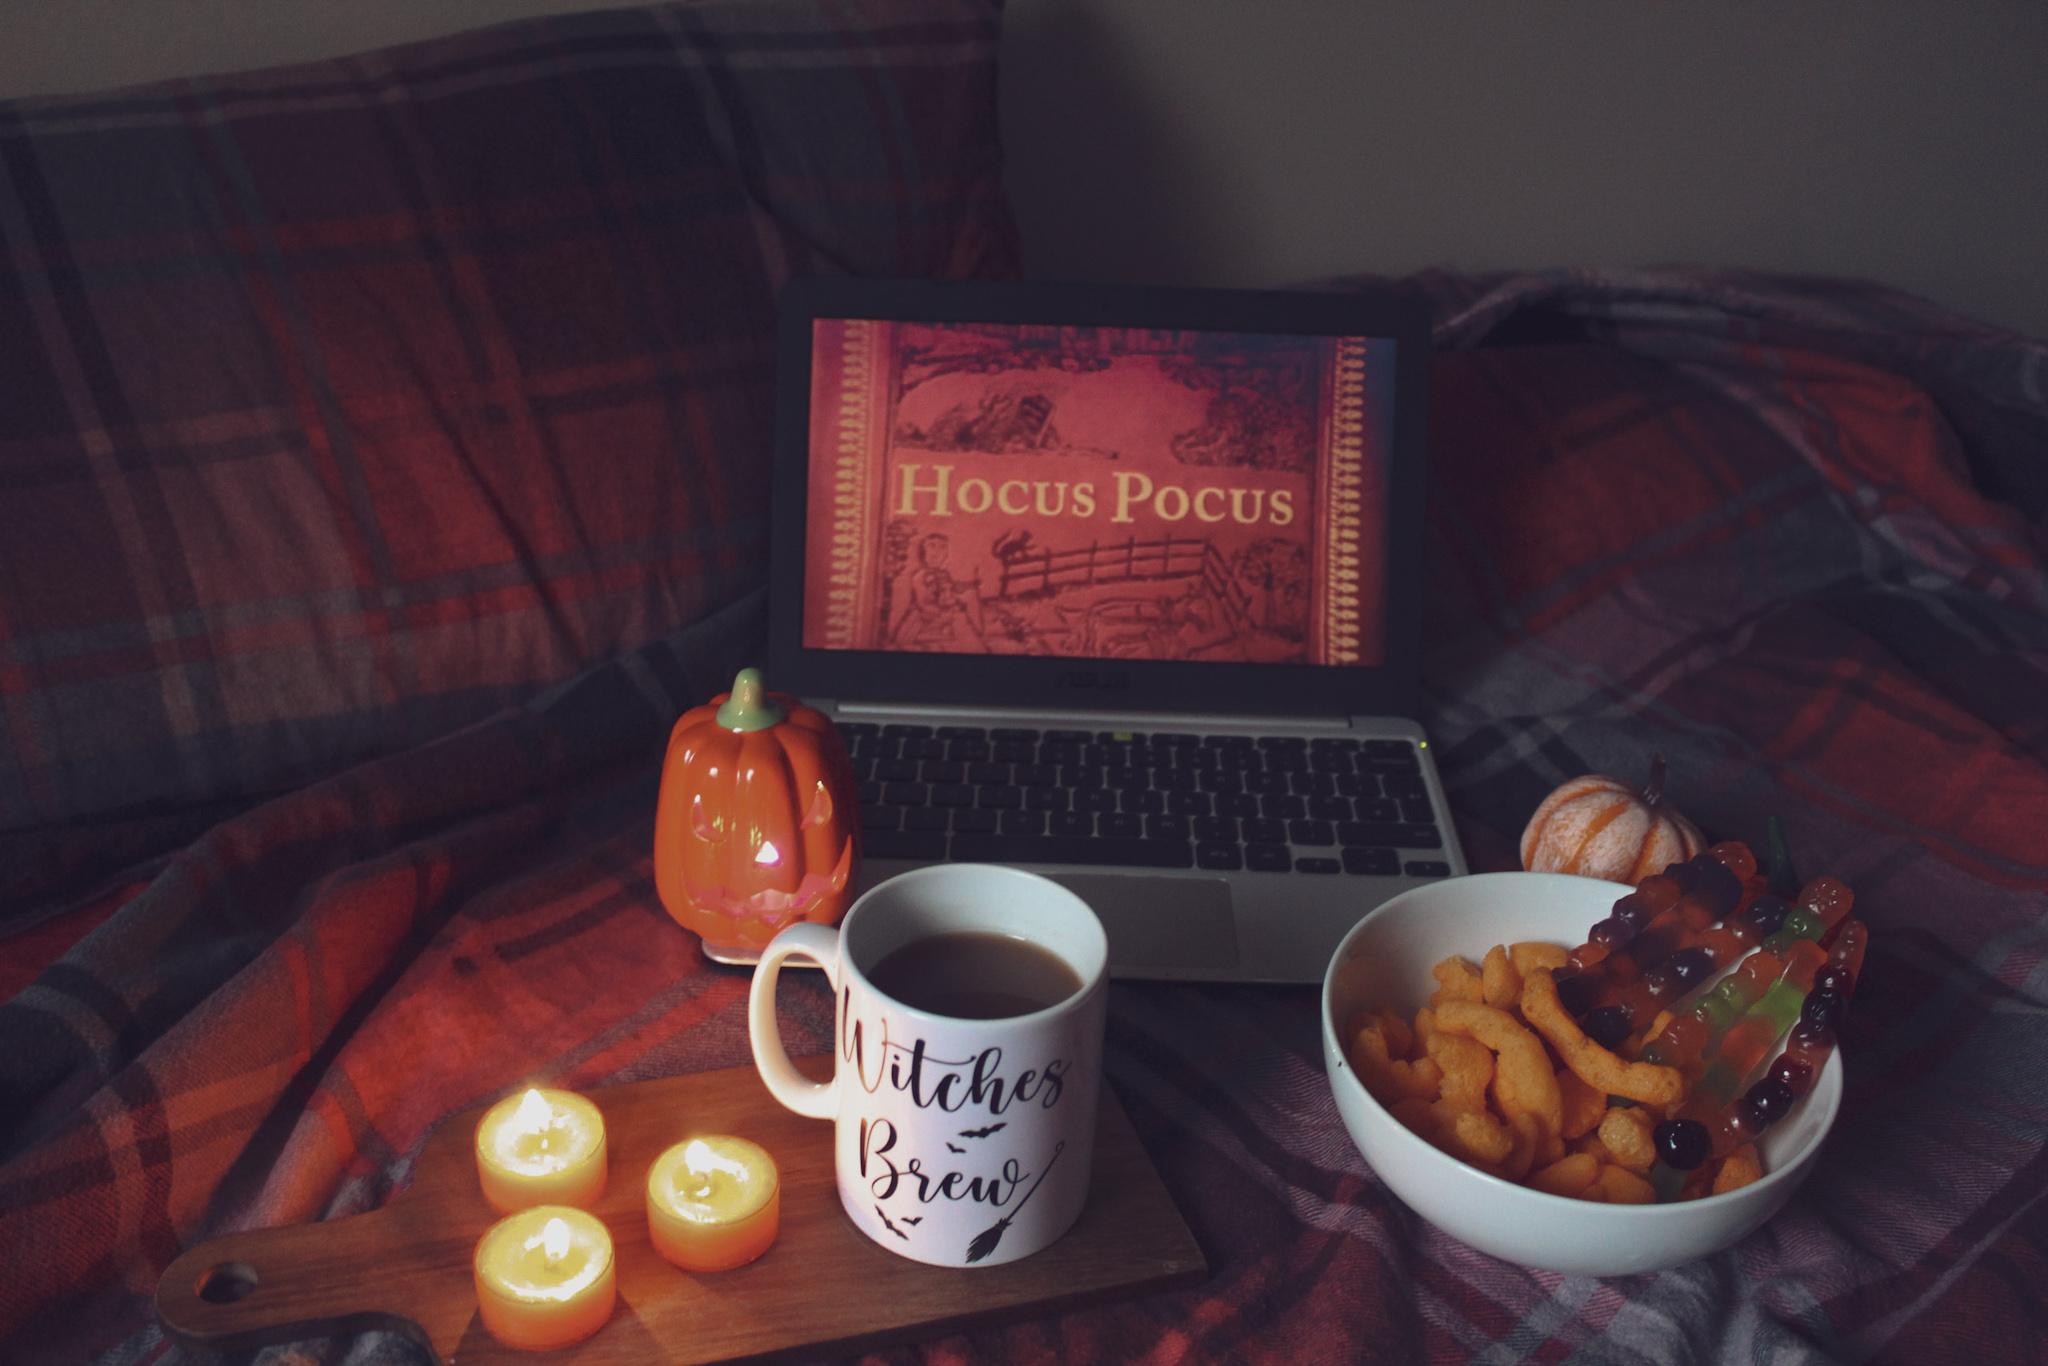 hocus pocus film